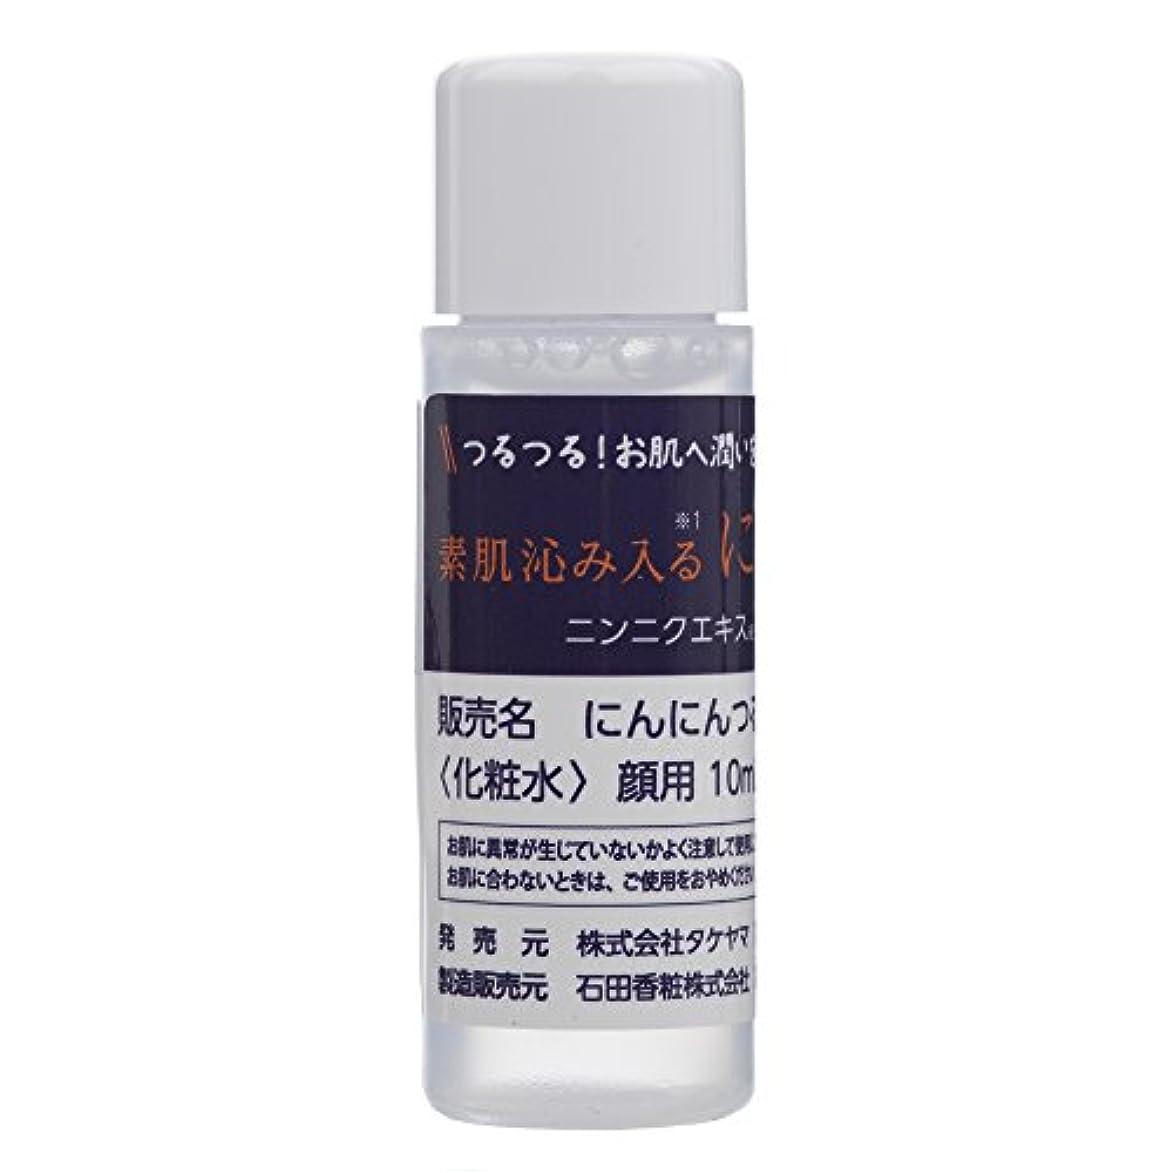 雇用帰するジョグにんにんつるり お肌の健康と潤いを保つ化粧水です。 10ml